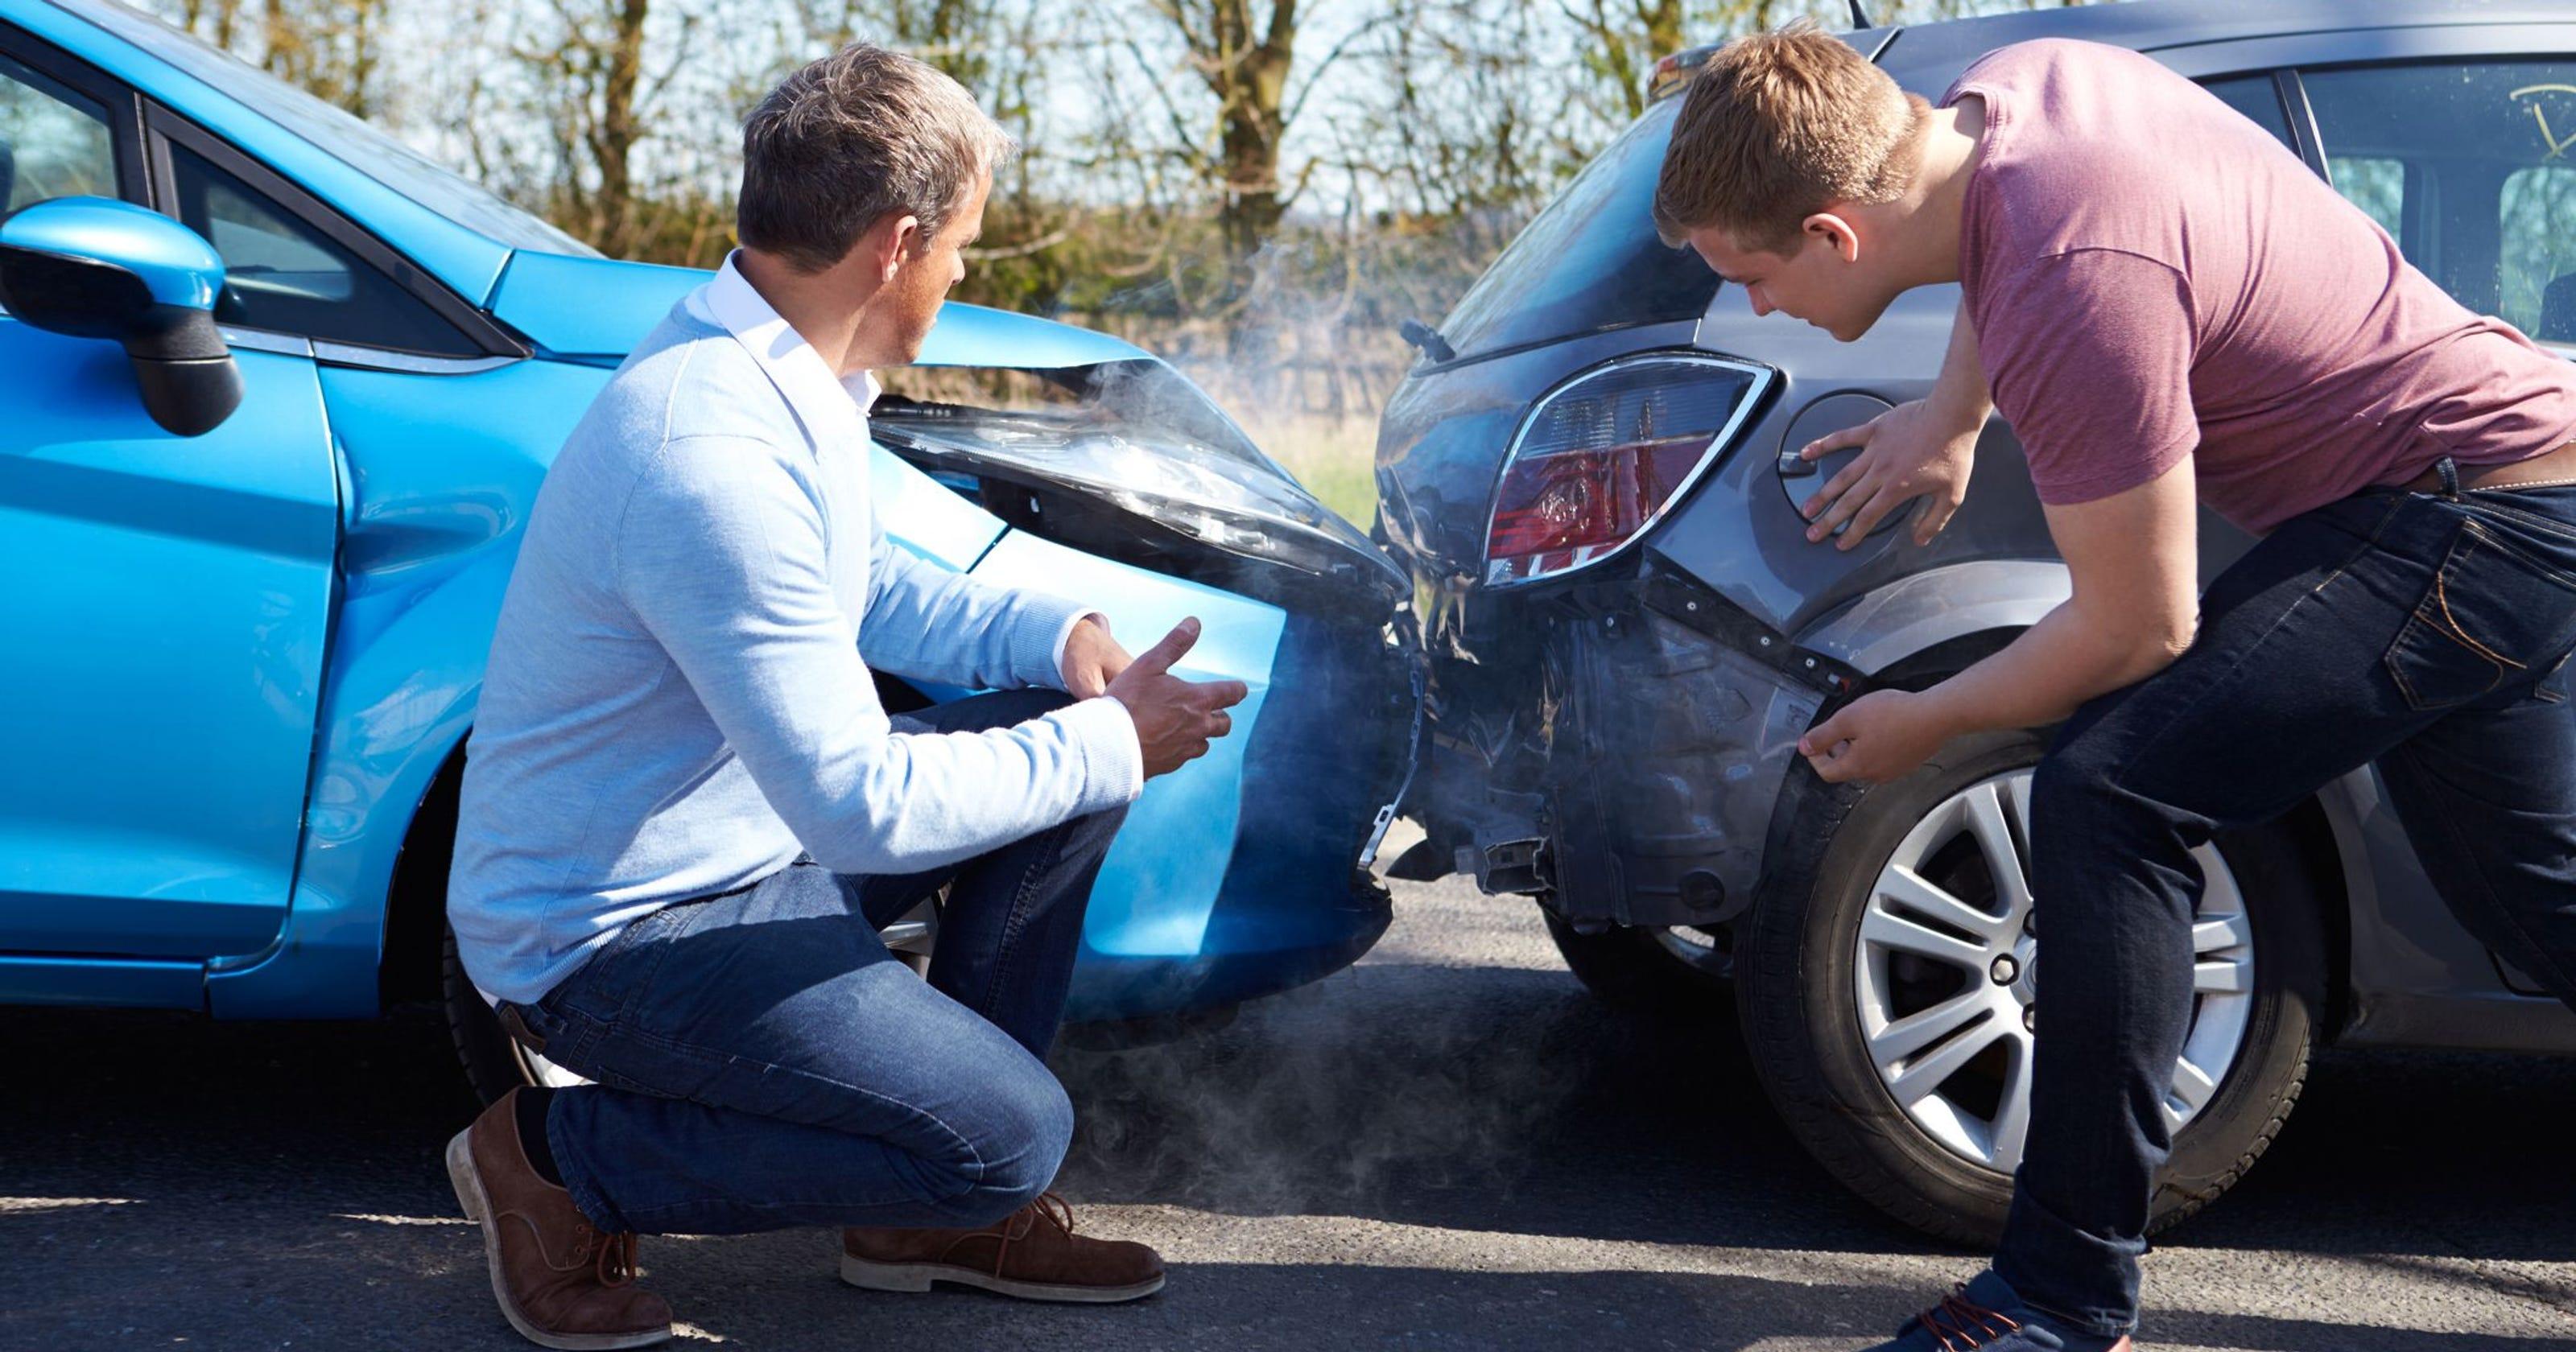 Скільки коштує застрахувати автомобіль